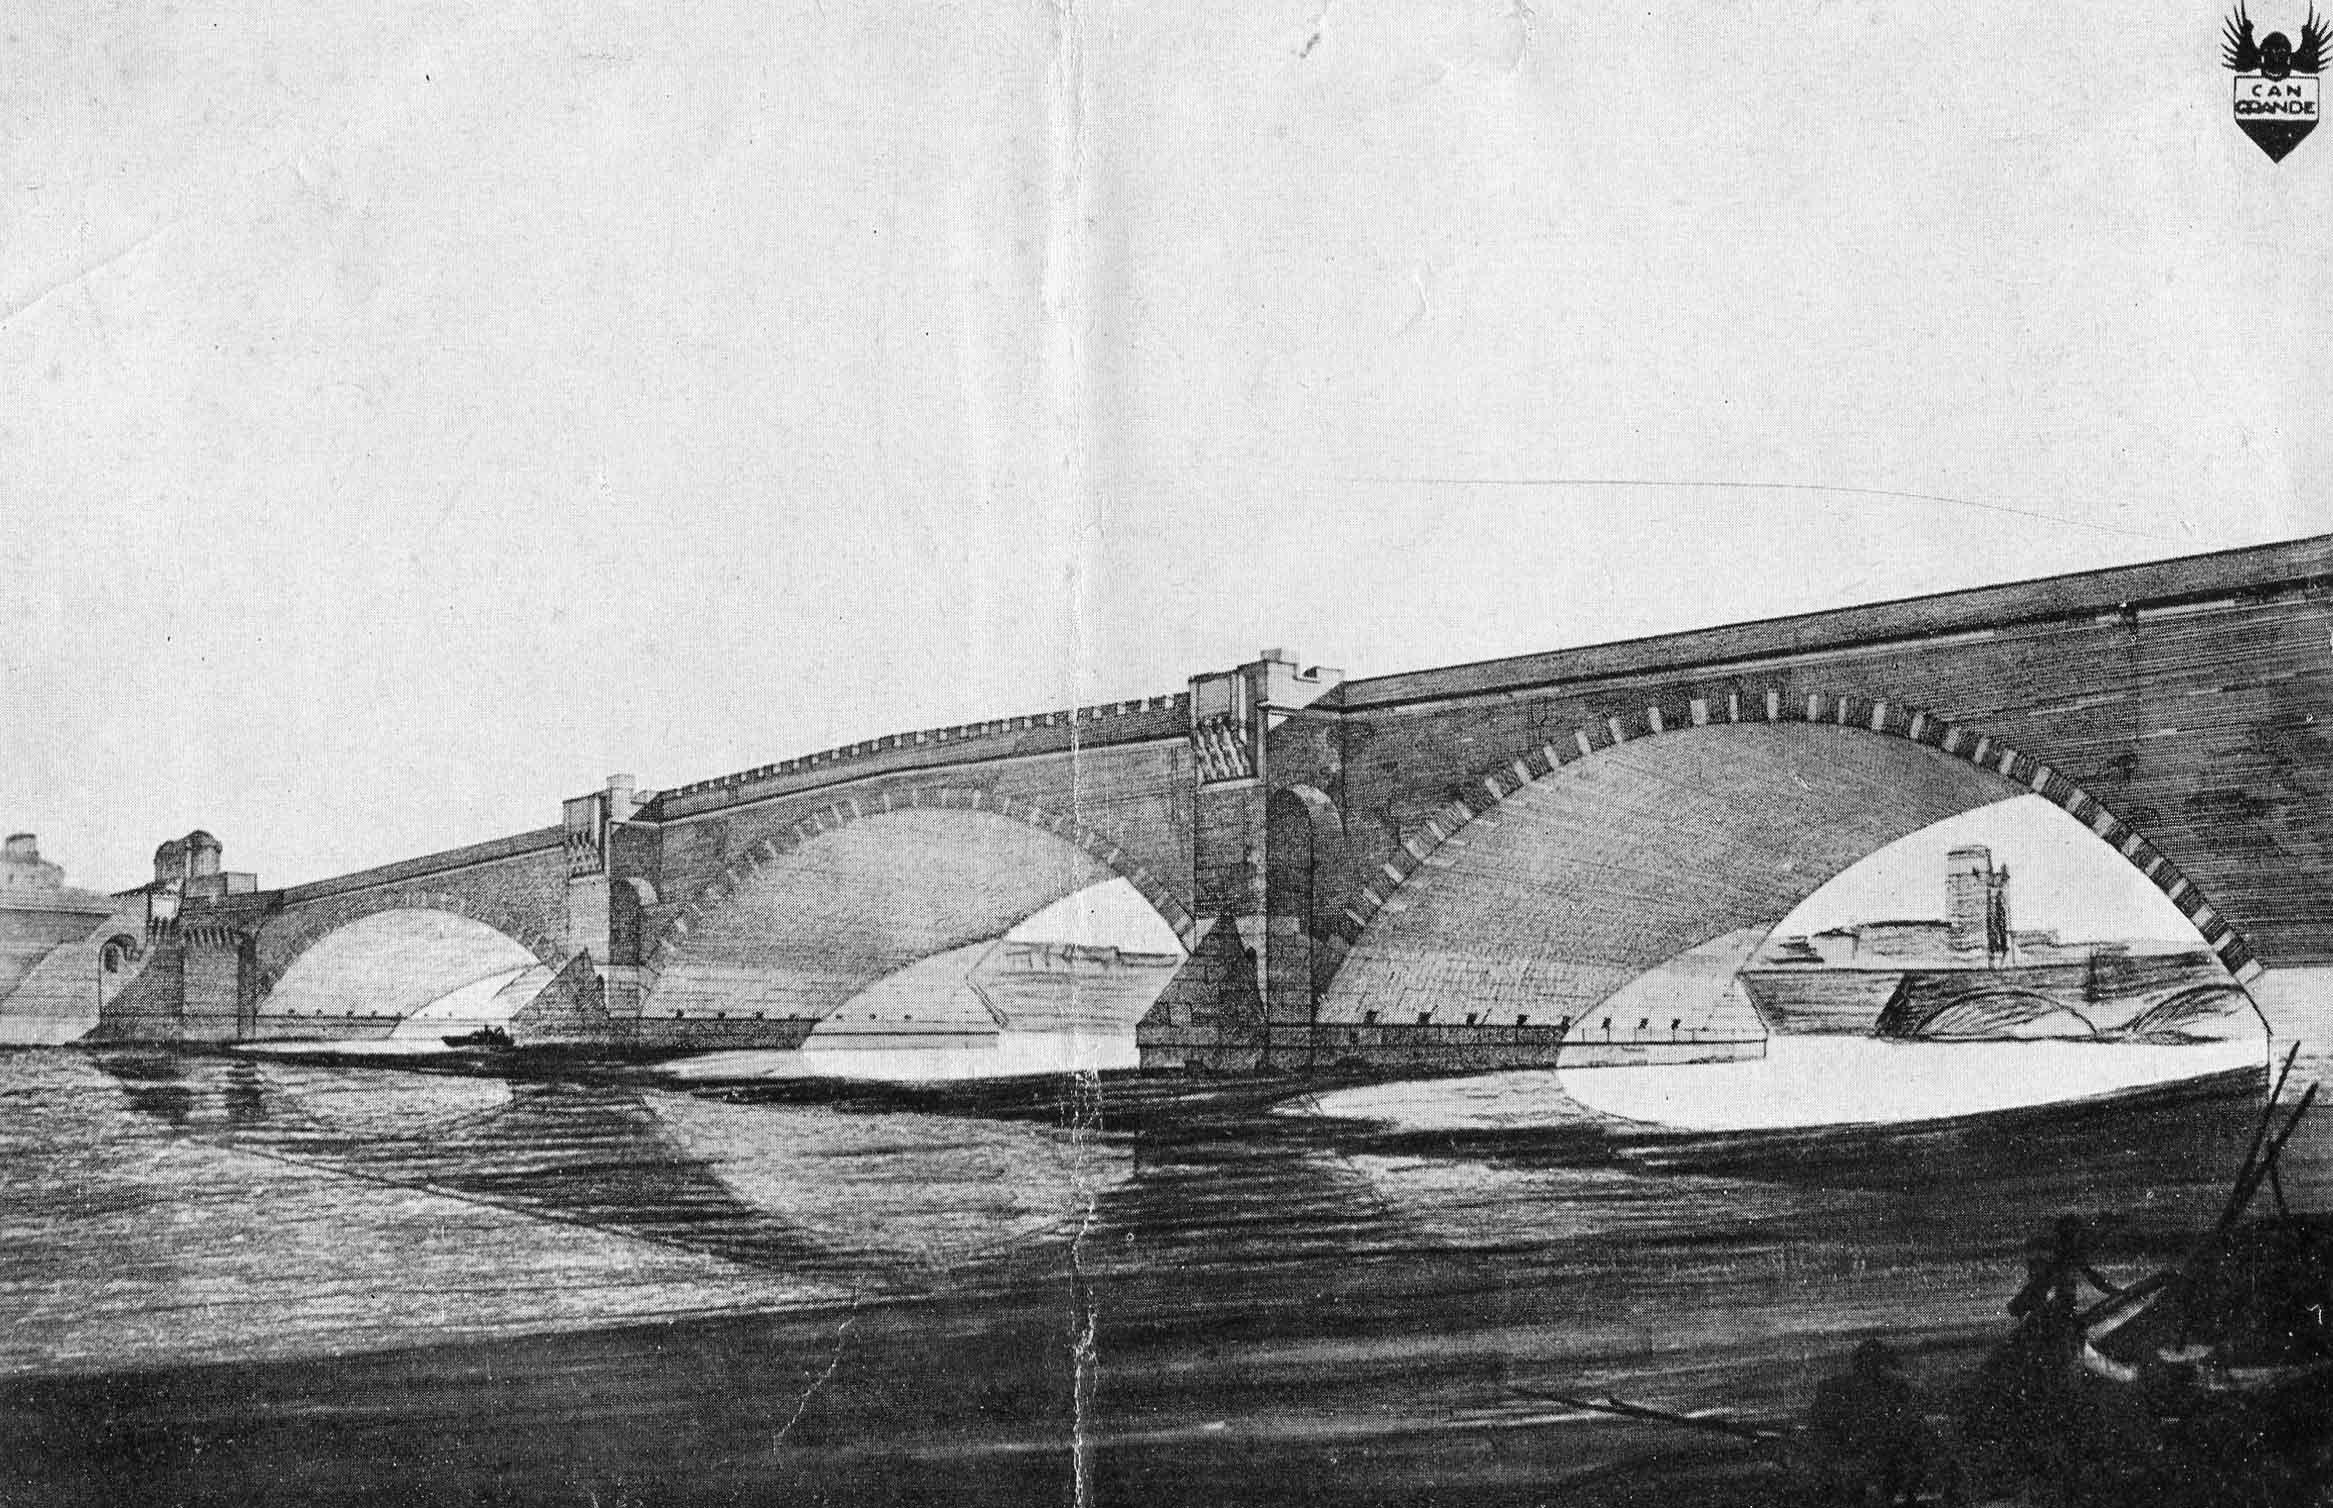 Progetto di concorso per il ponte della Vittoria a Verona